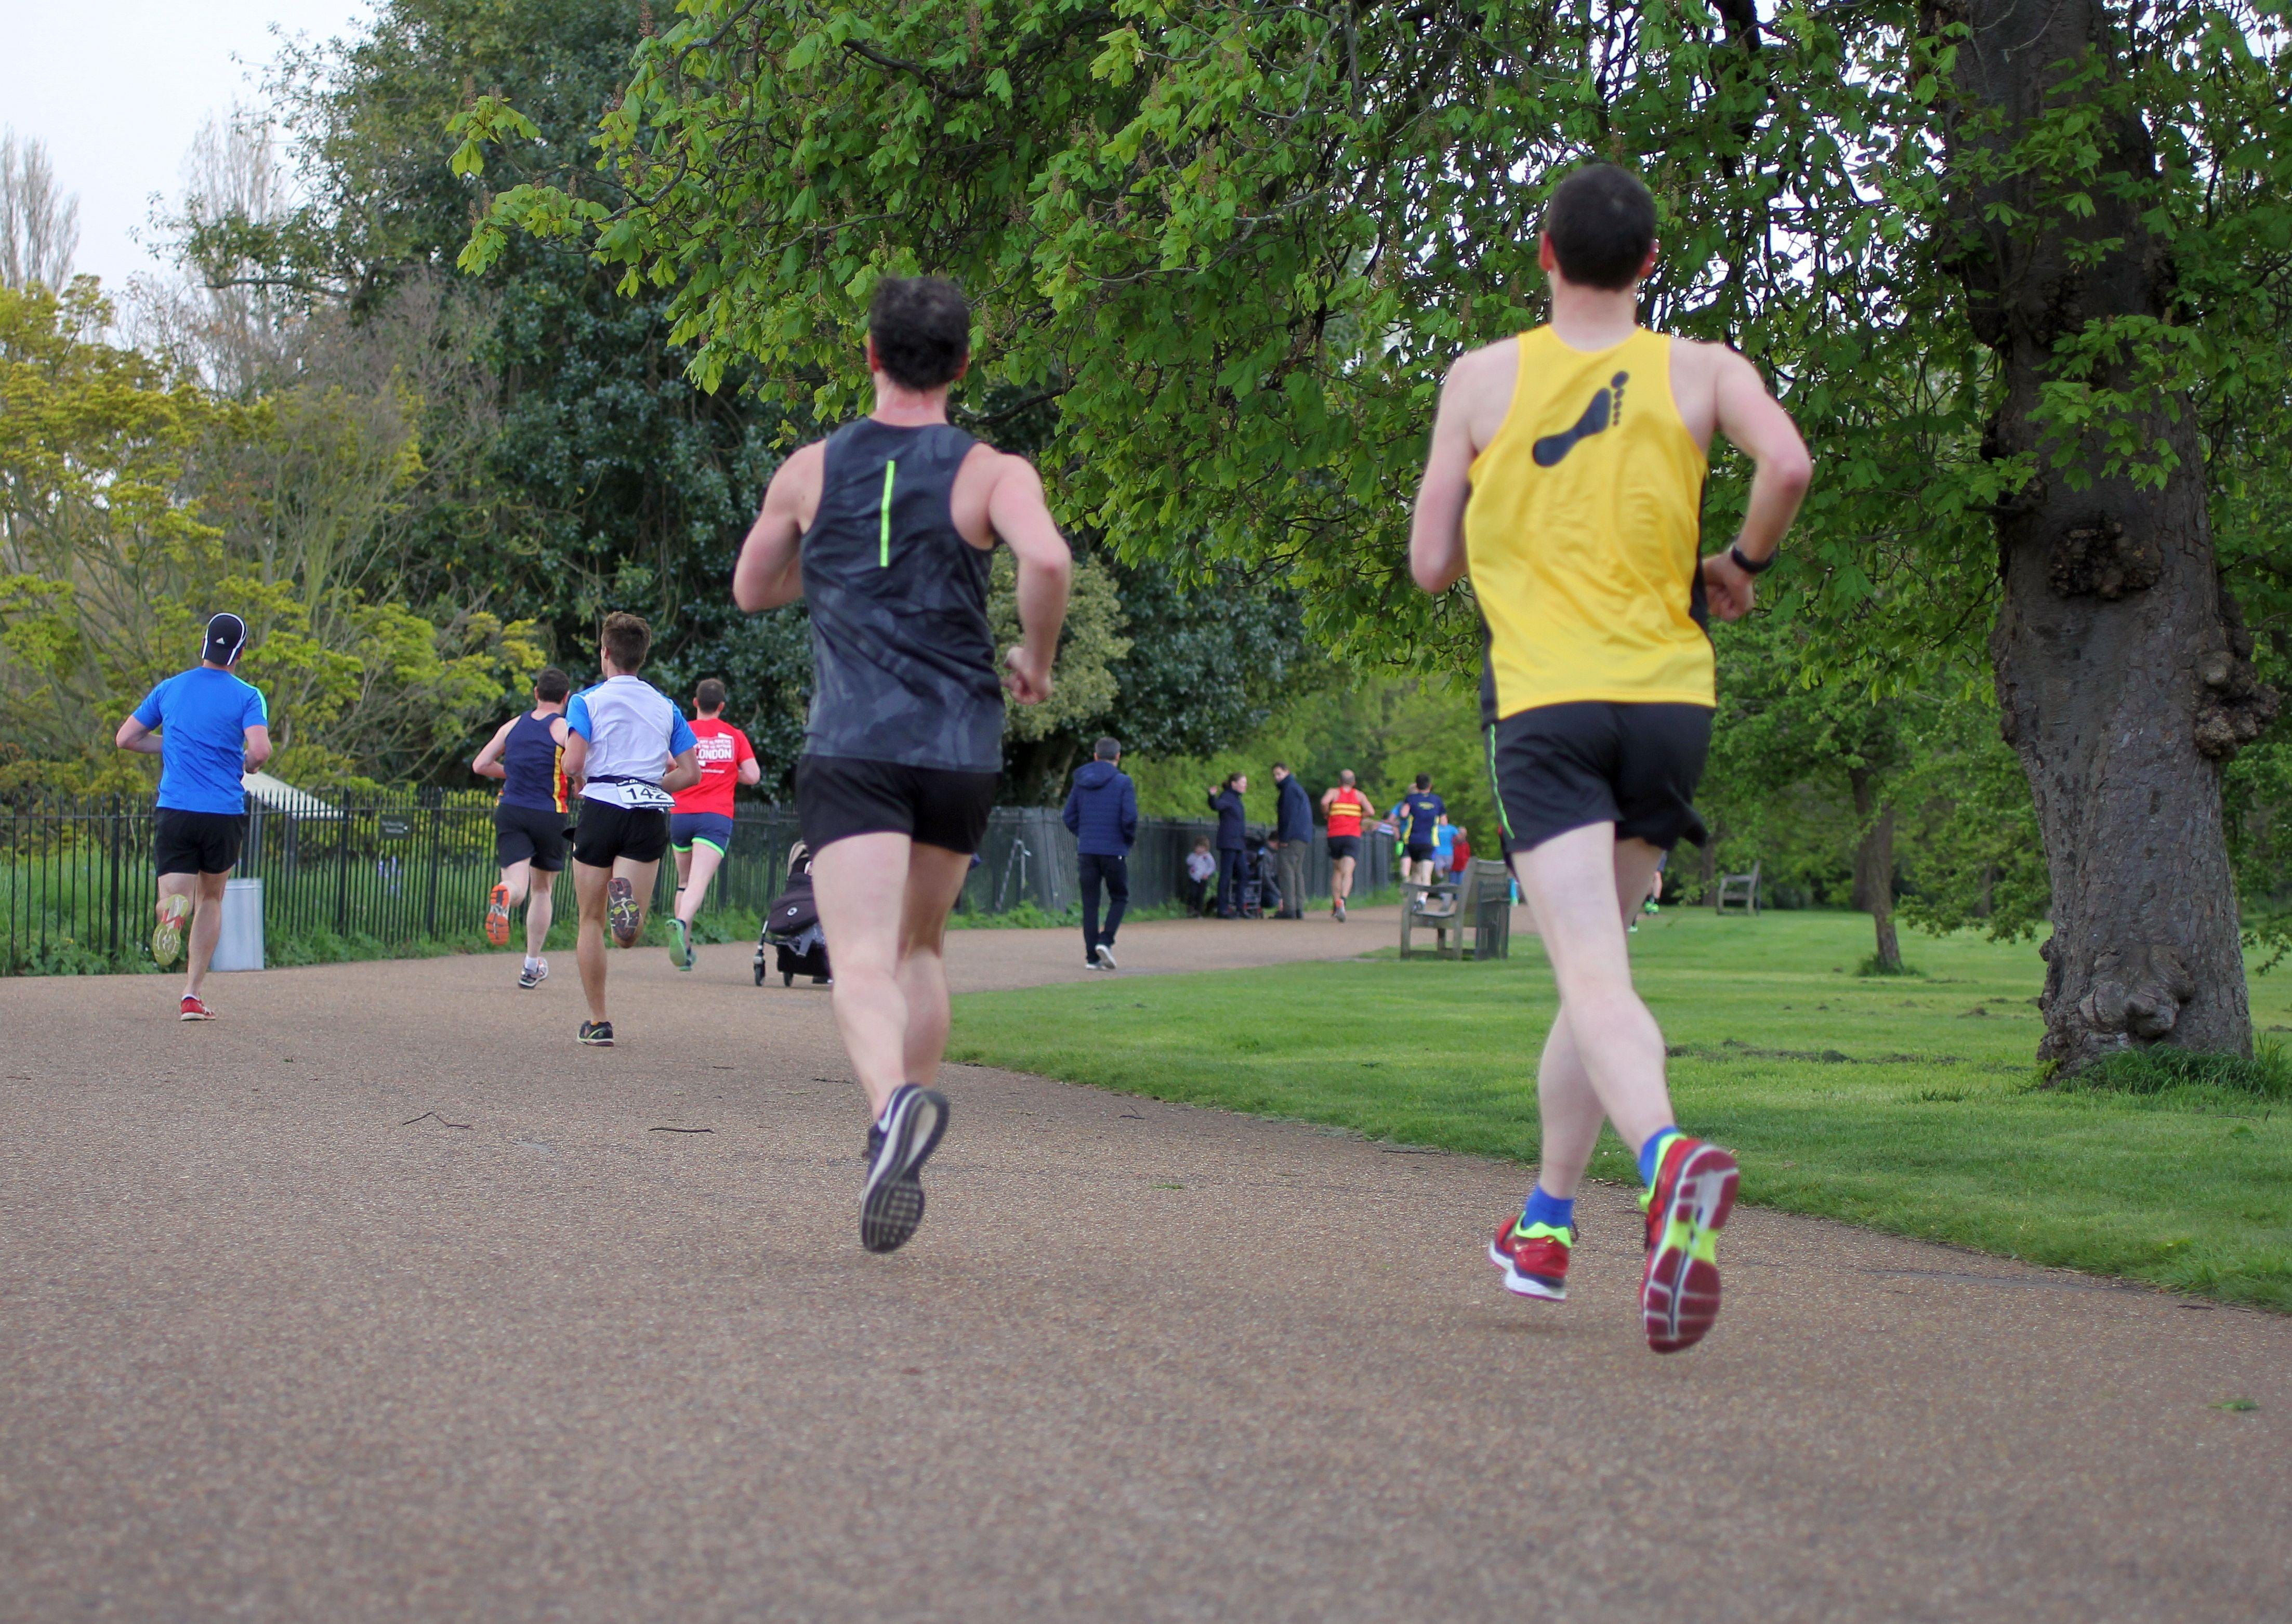 Running motion outdoor